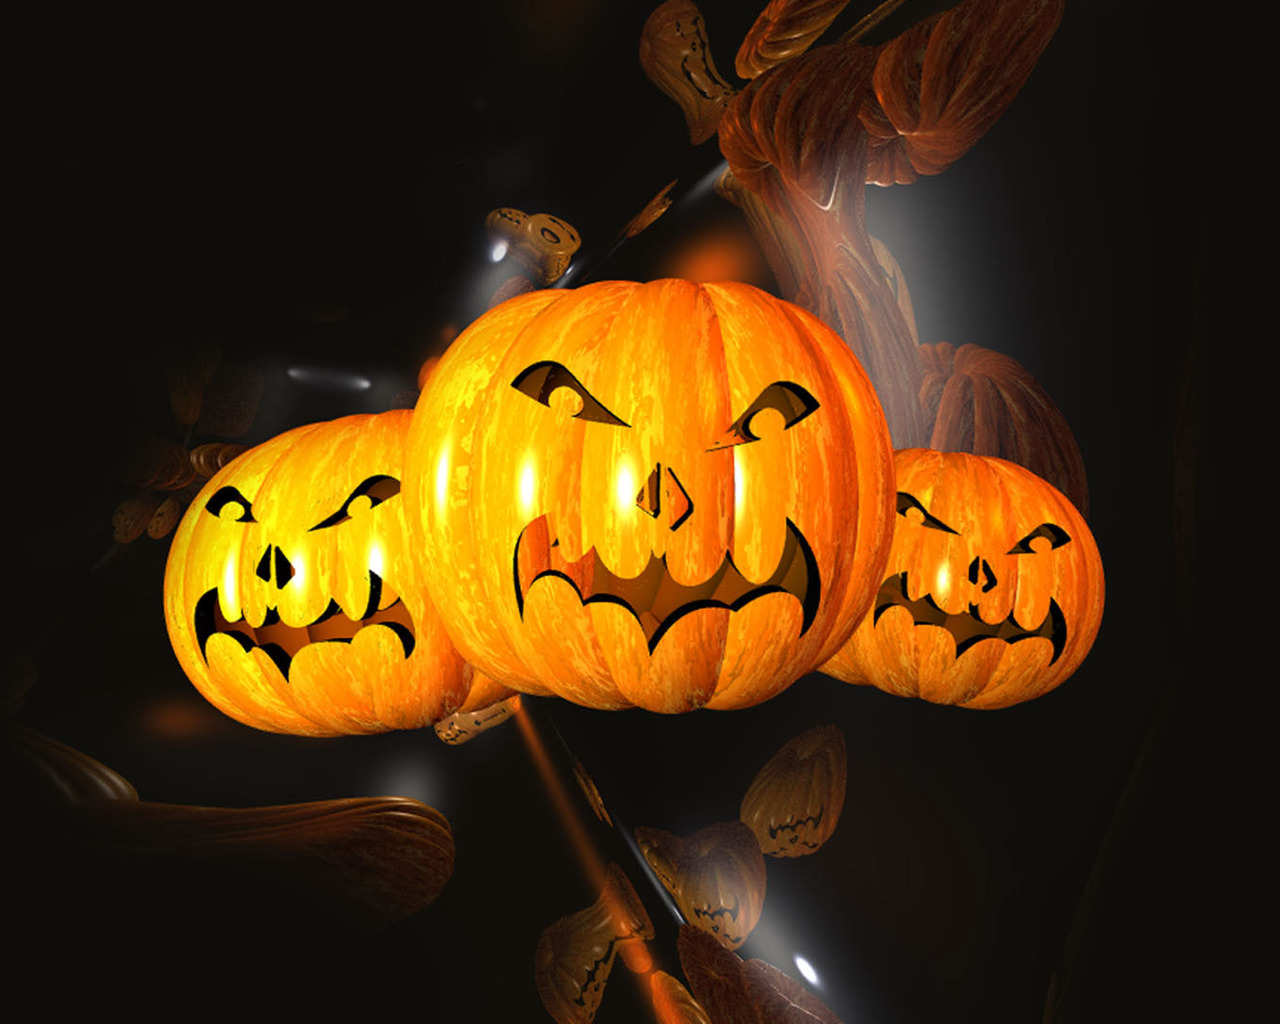 Halloween Wallpapers HD Halloween Wallpapers